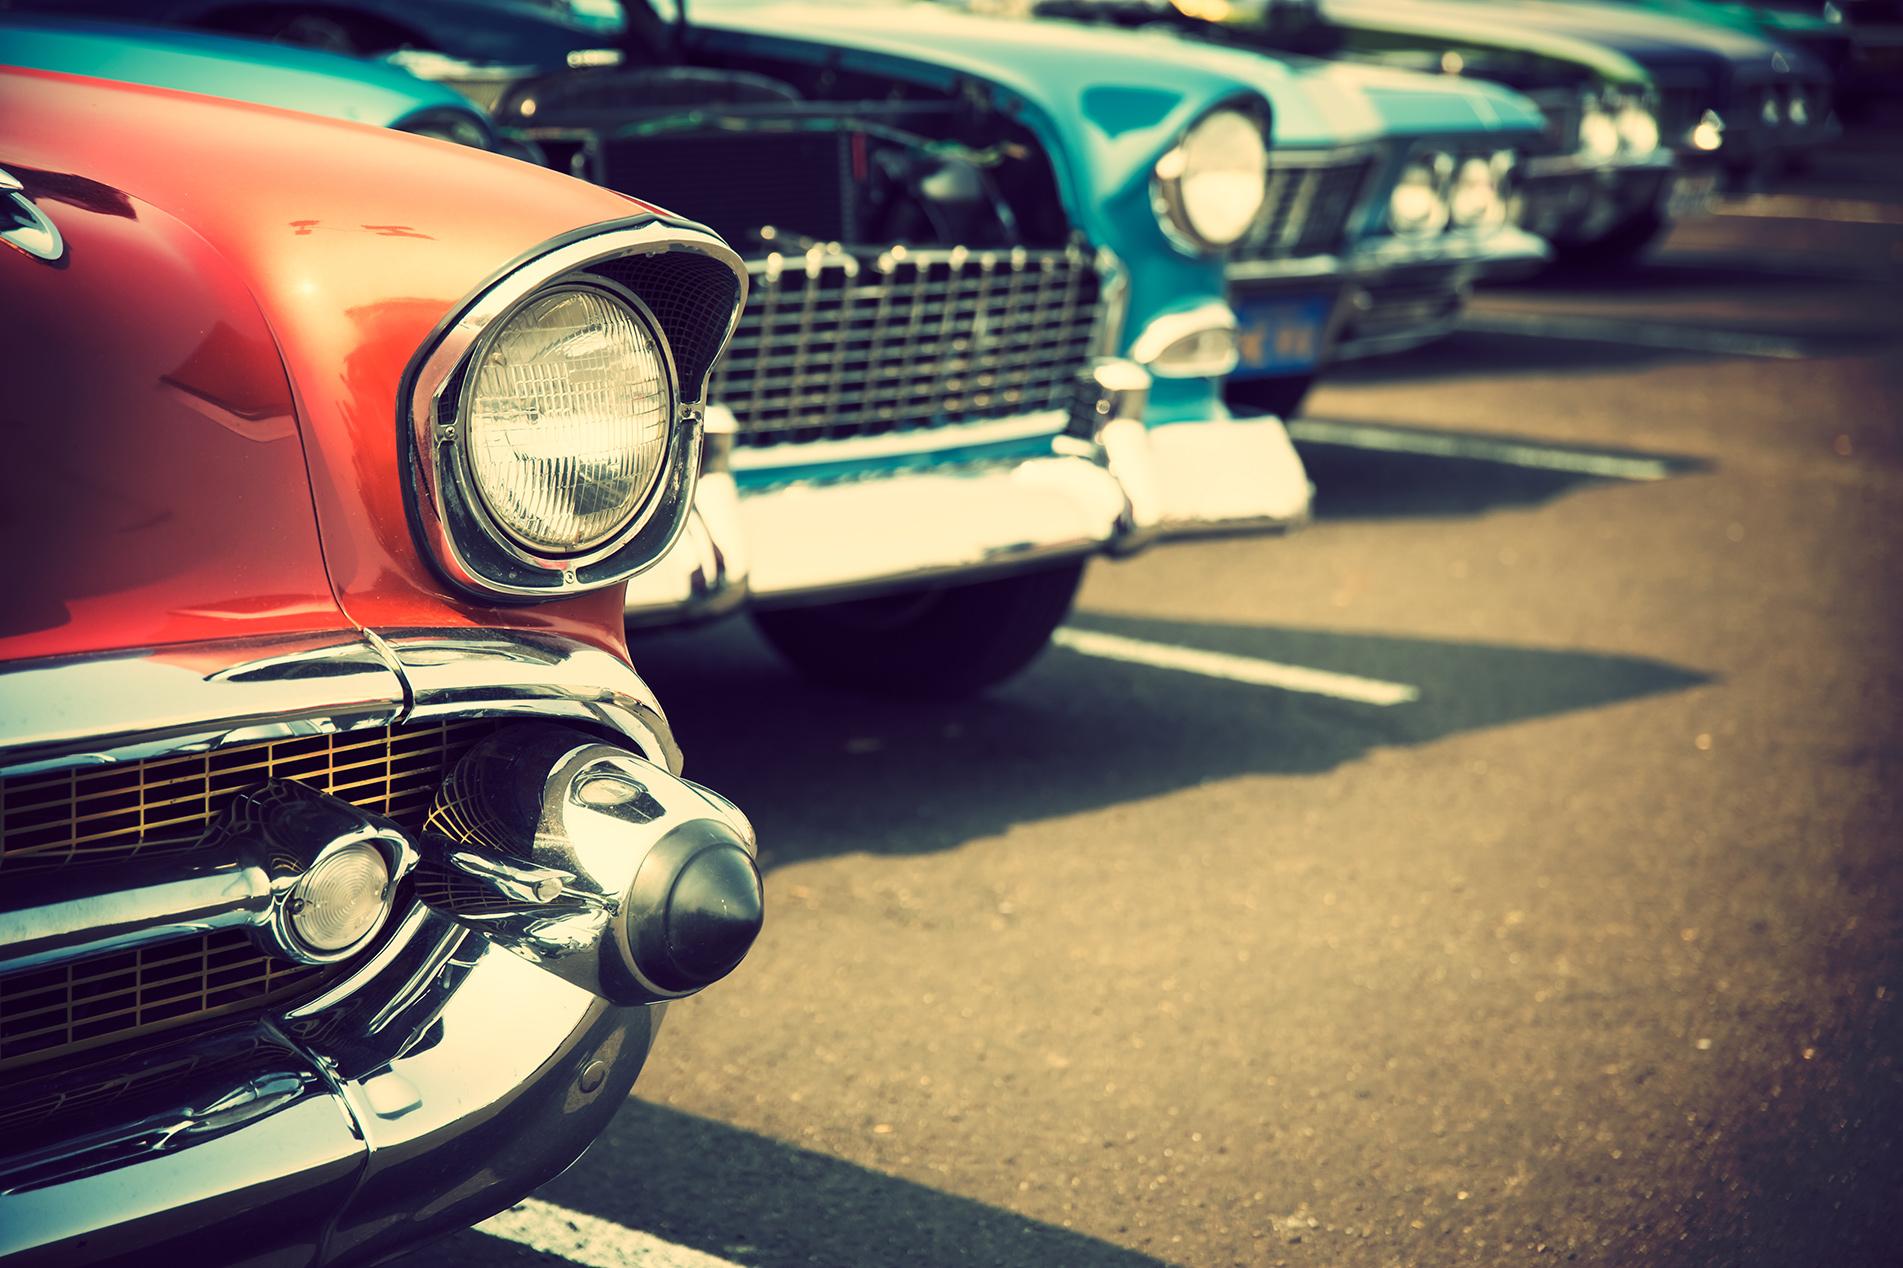 איזה רכב מתאים לך?